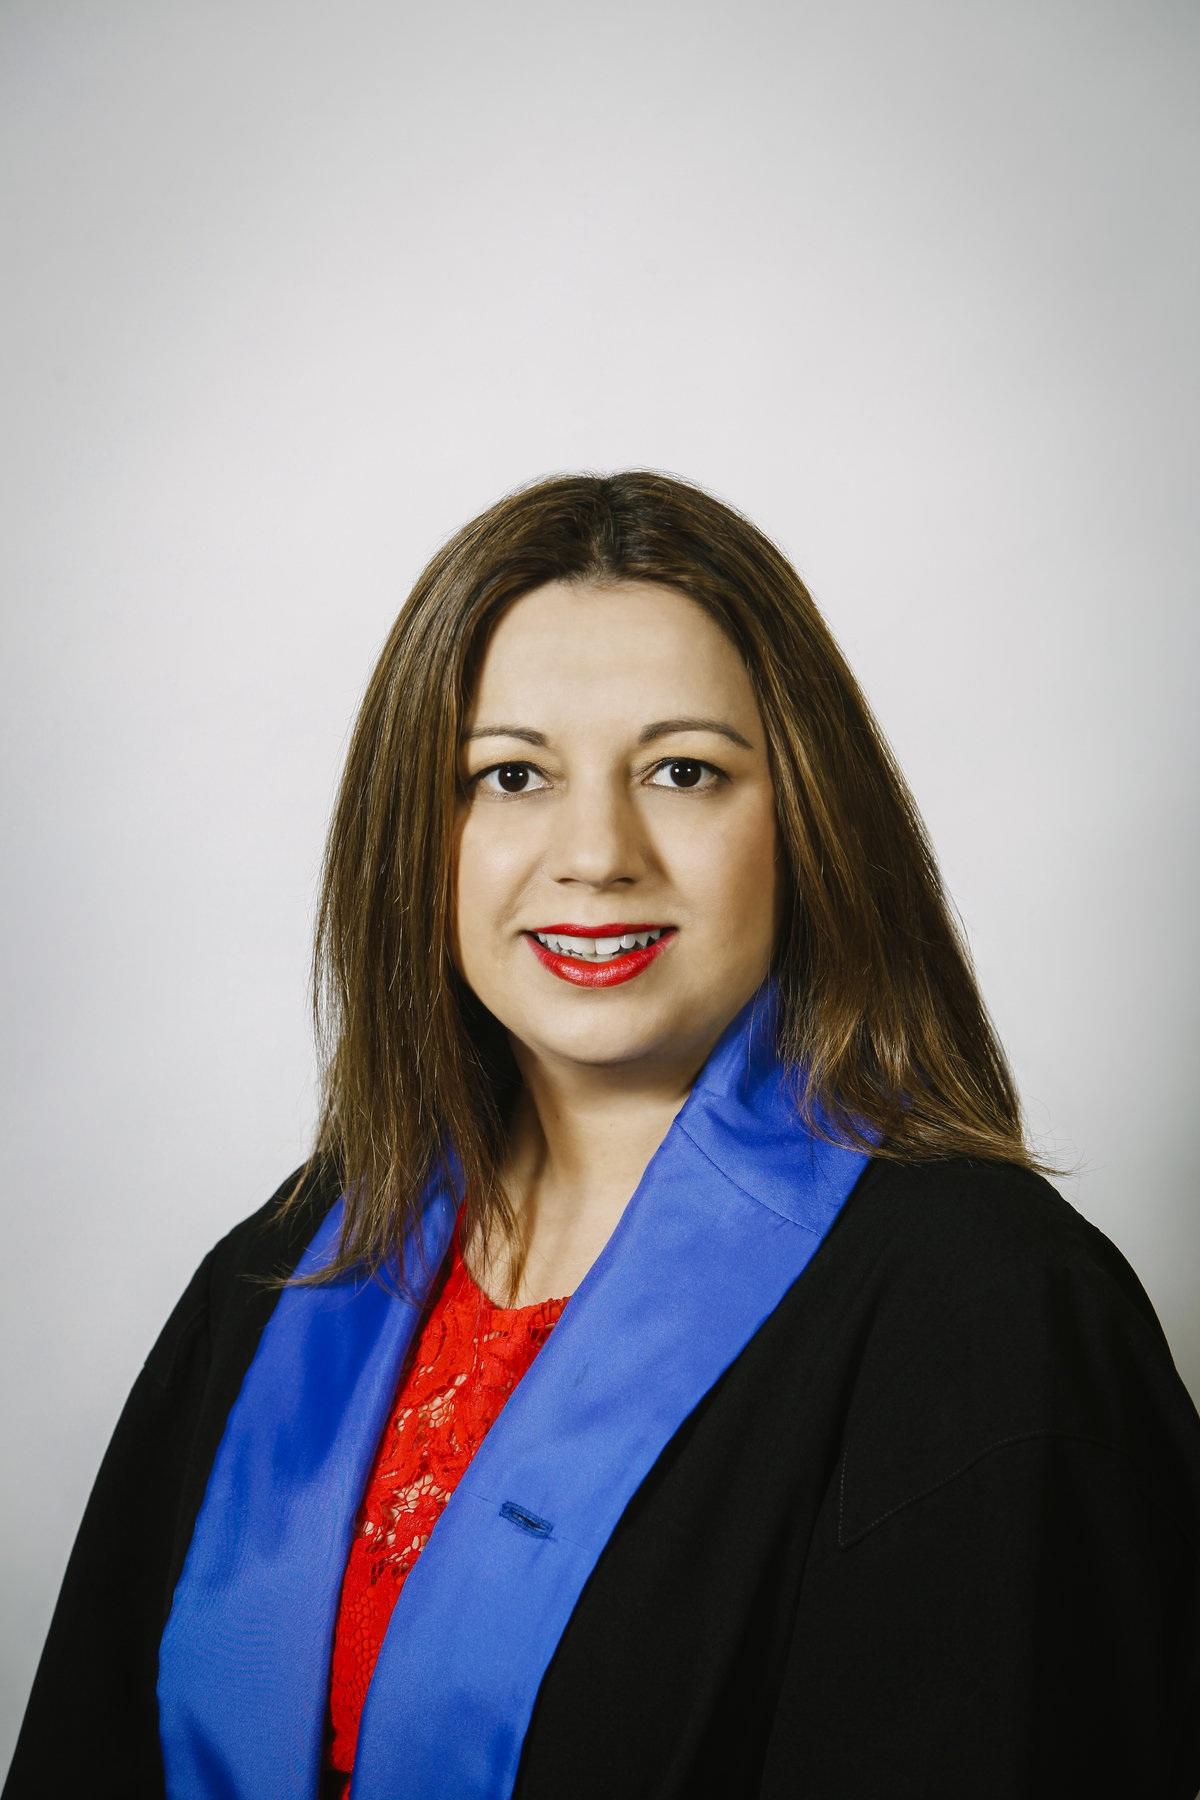 Natasha malani